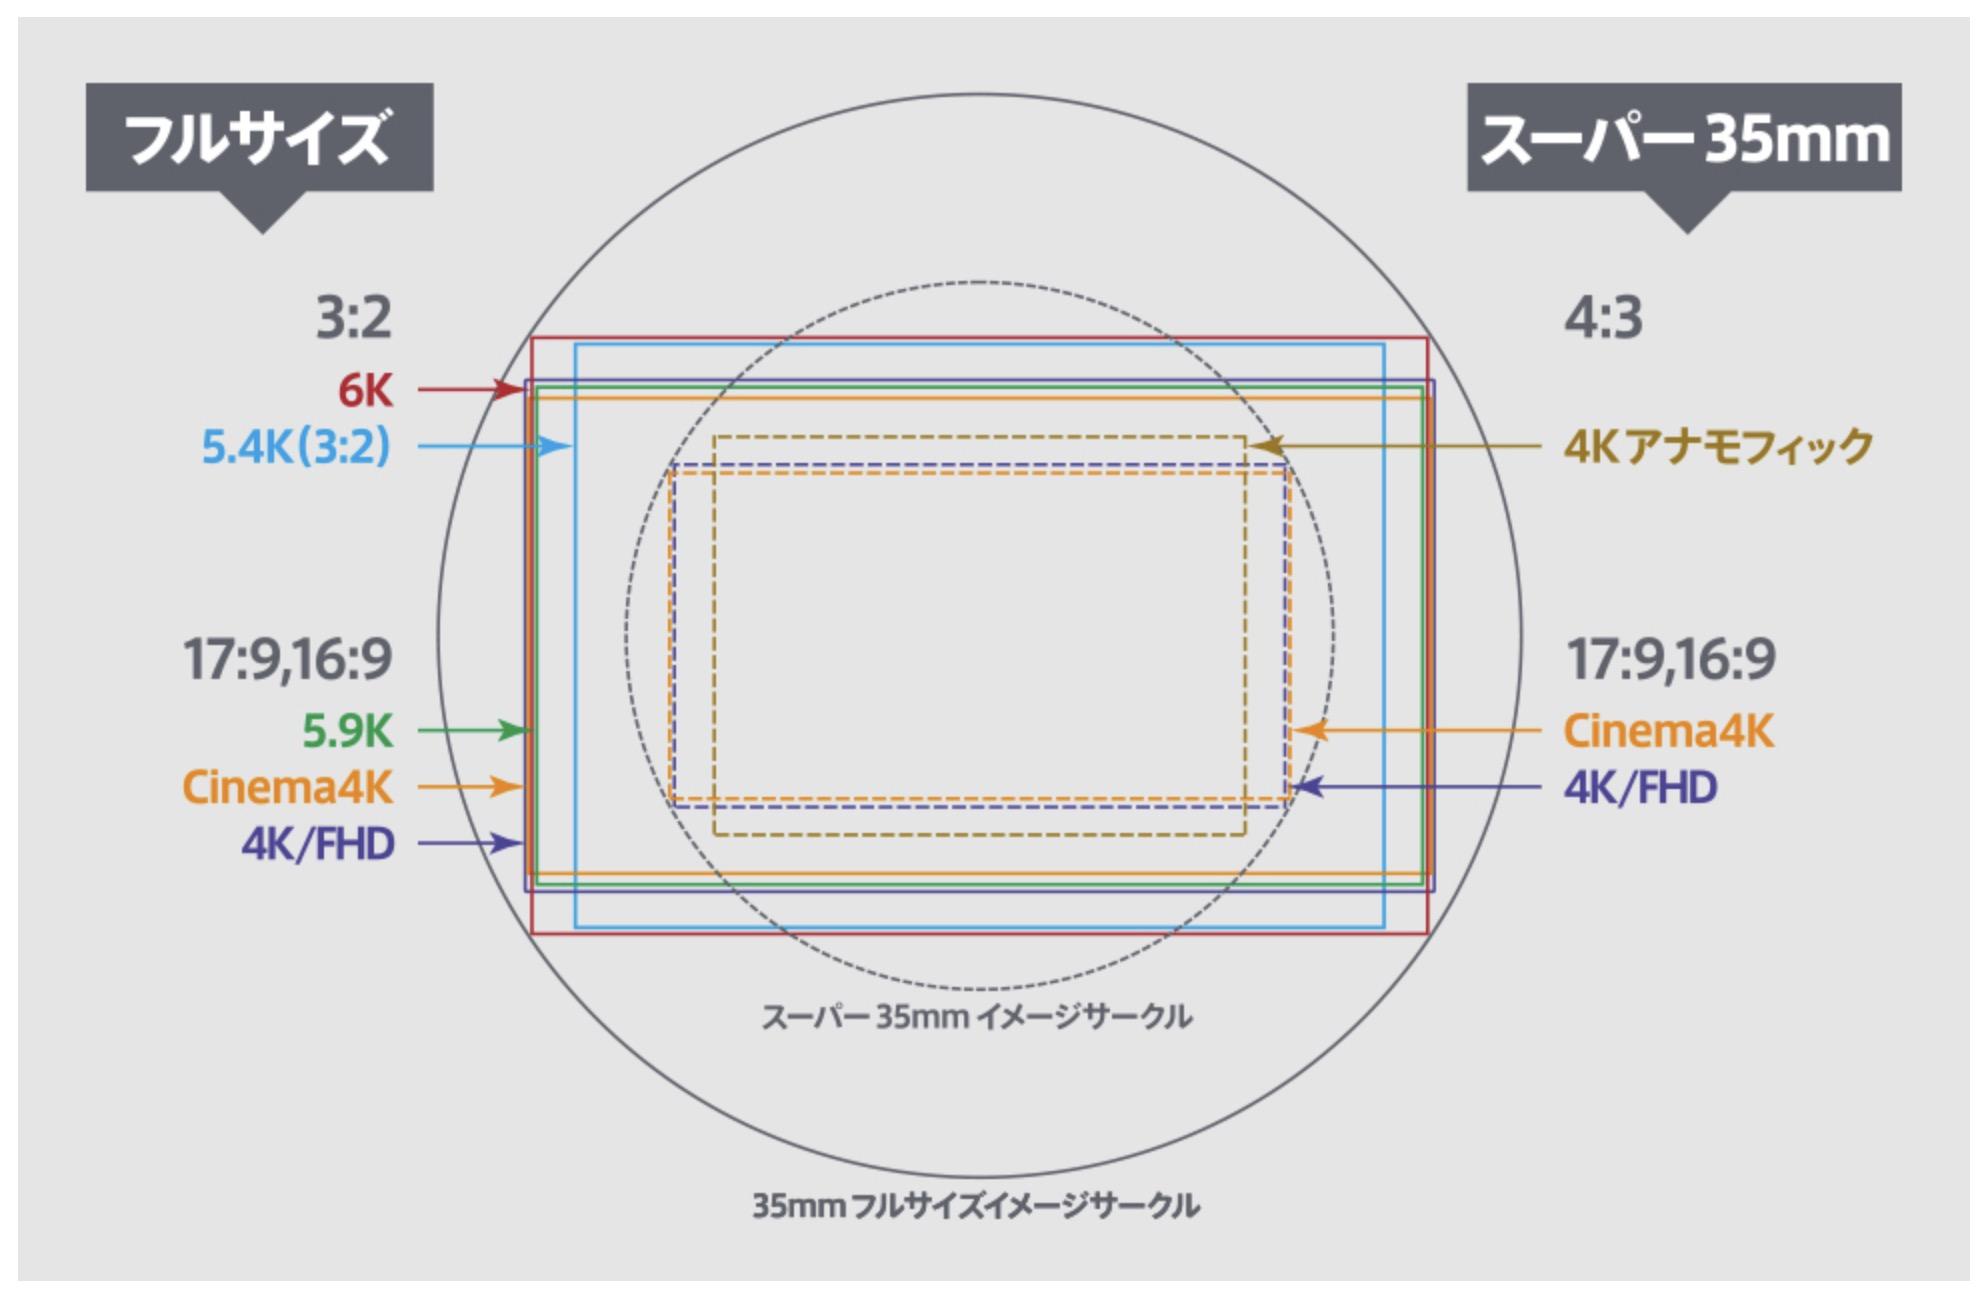 6206b284eda3aaa780f3327838ef1010 - パナソニック S1HとS1とS2Rを比較してみました